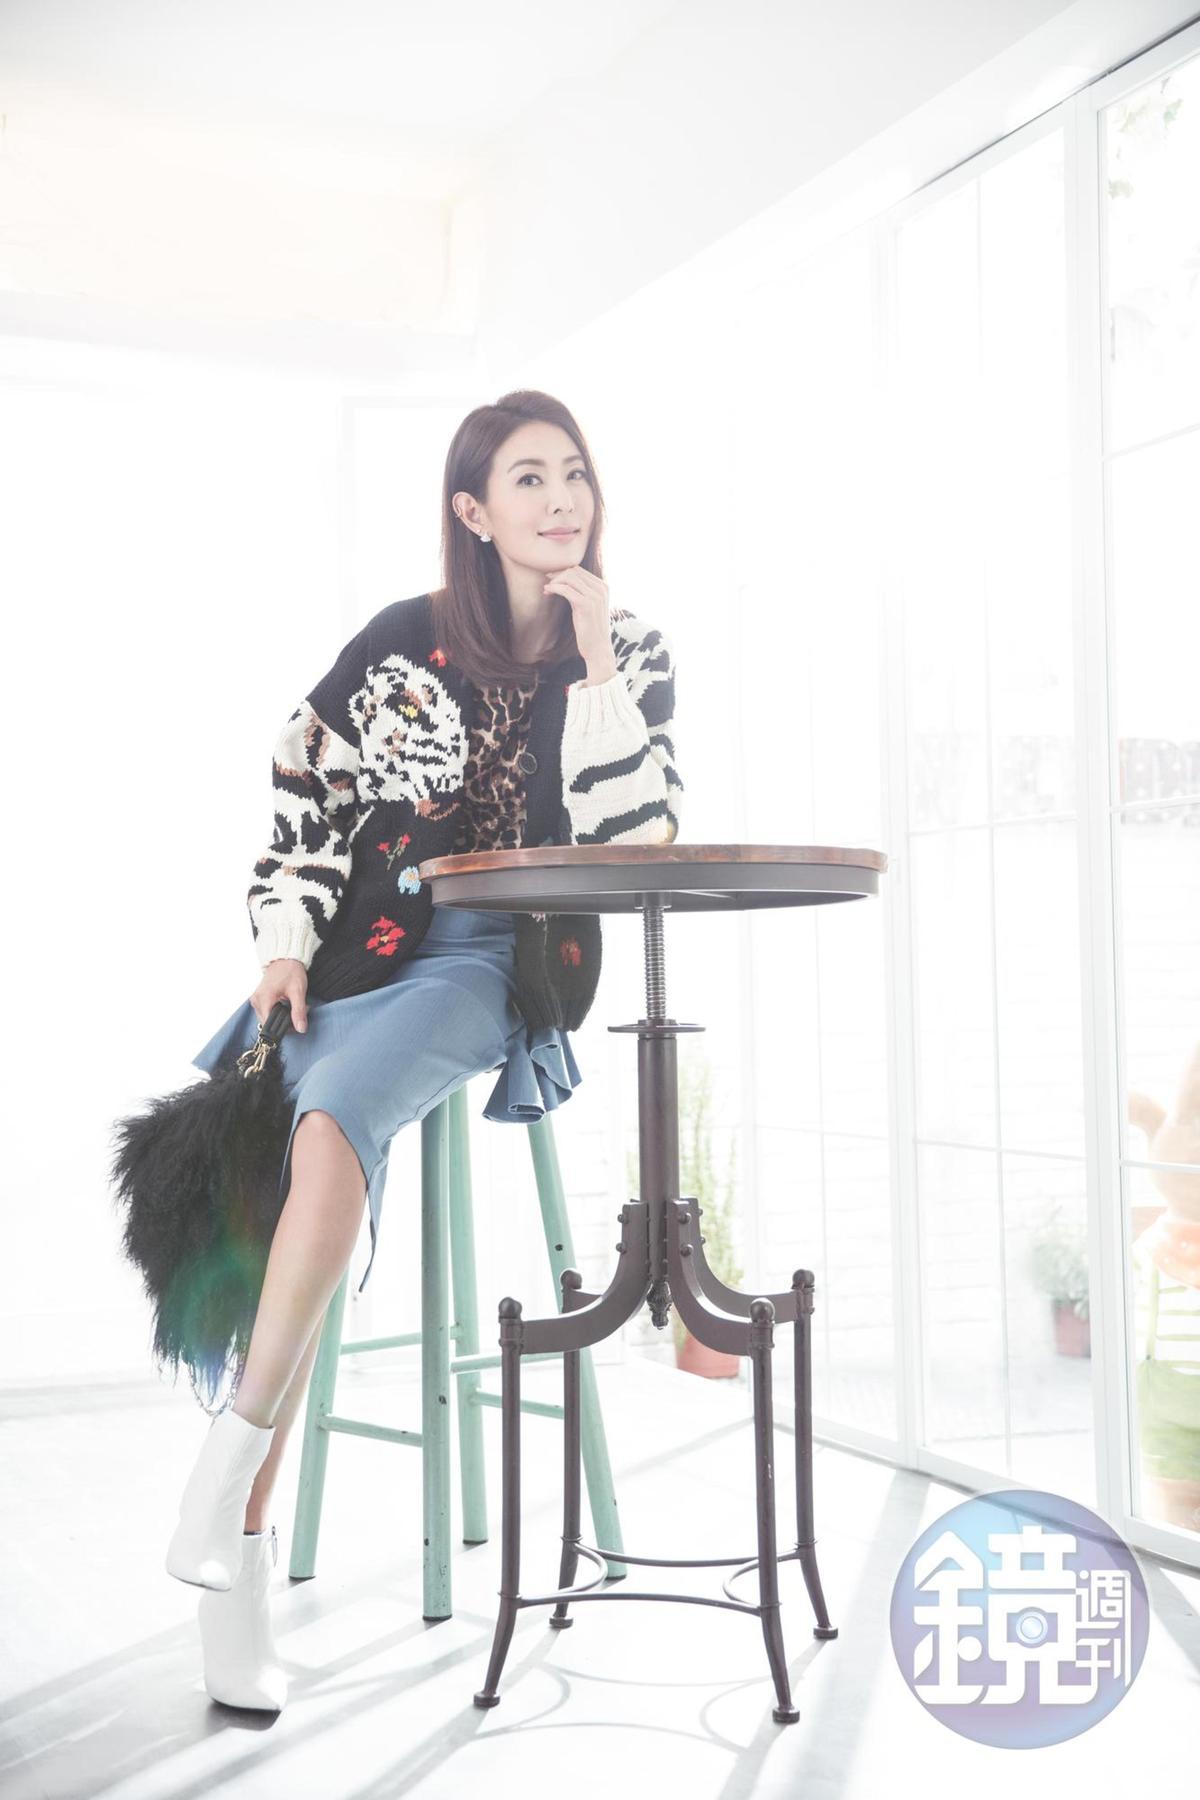 韓國小店買的豹紋上衣。約NT$2,500 SONIA RYKIEL動物圖騰毛外套。 約NT$49,000 Beige貼身窄裙。約NT$3,000 MONCLER毛毛包。約NT$60,000 ZARA白靴。NT$3,900